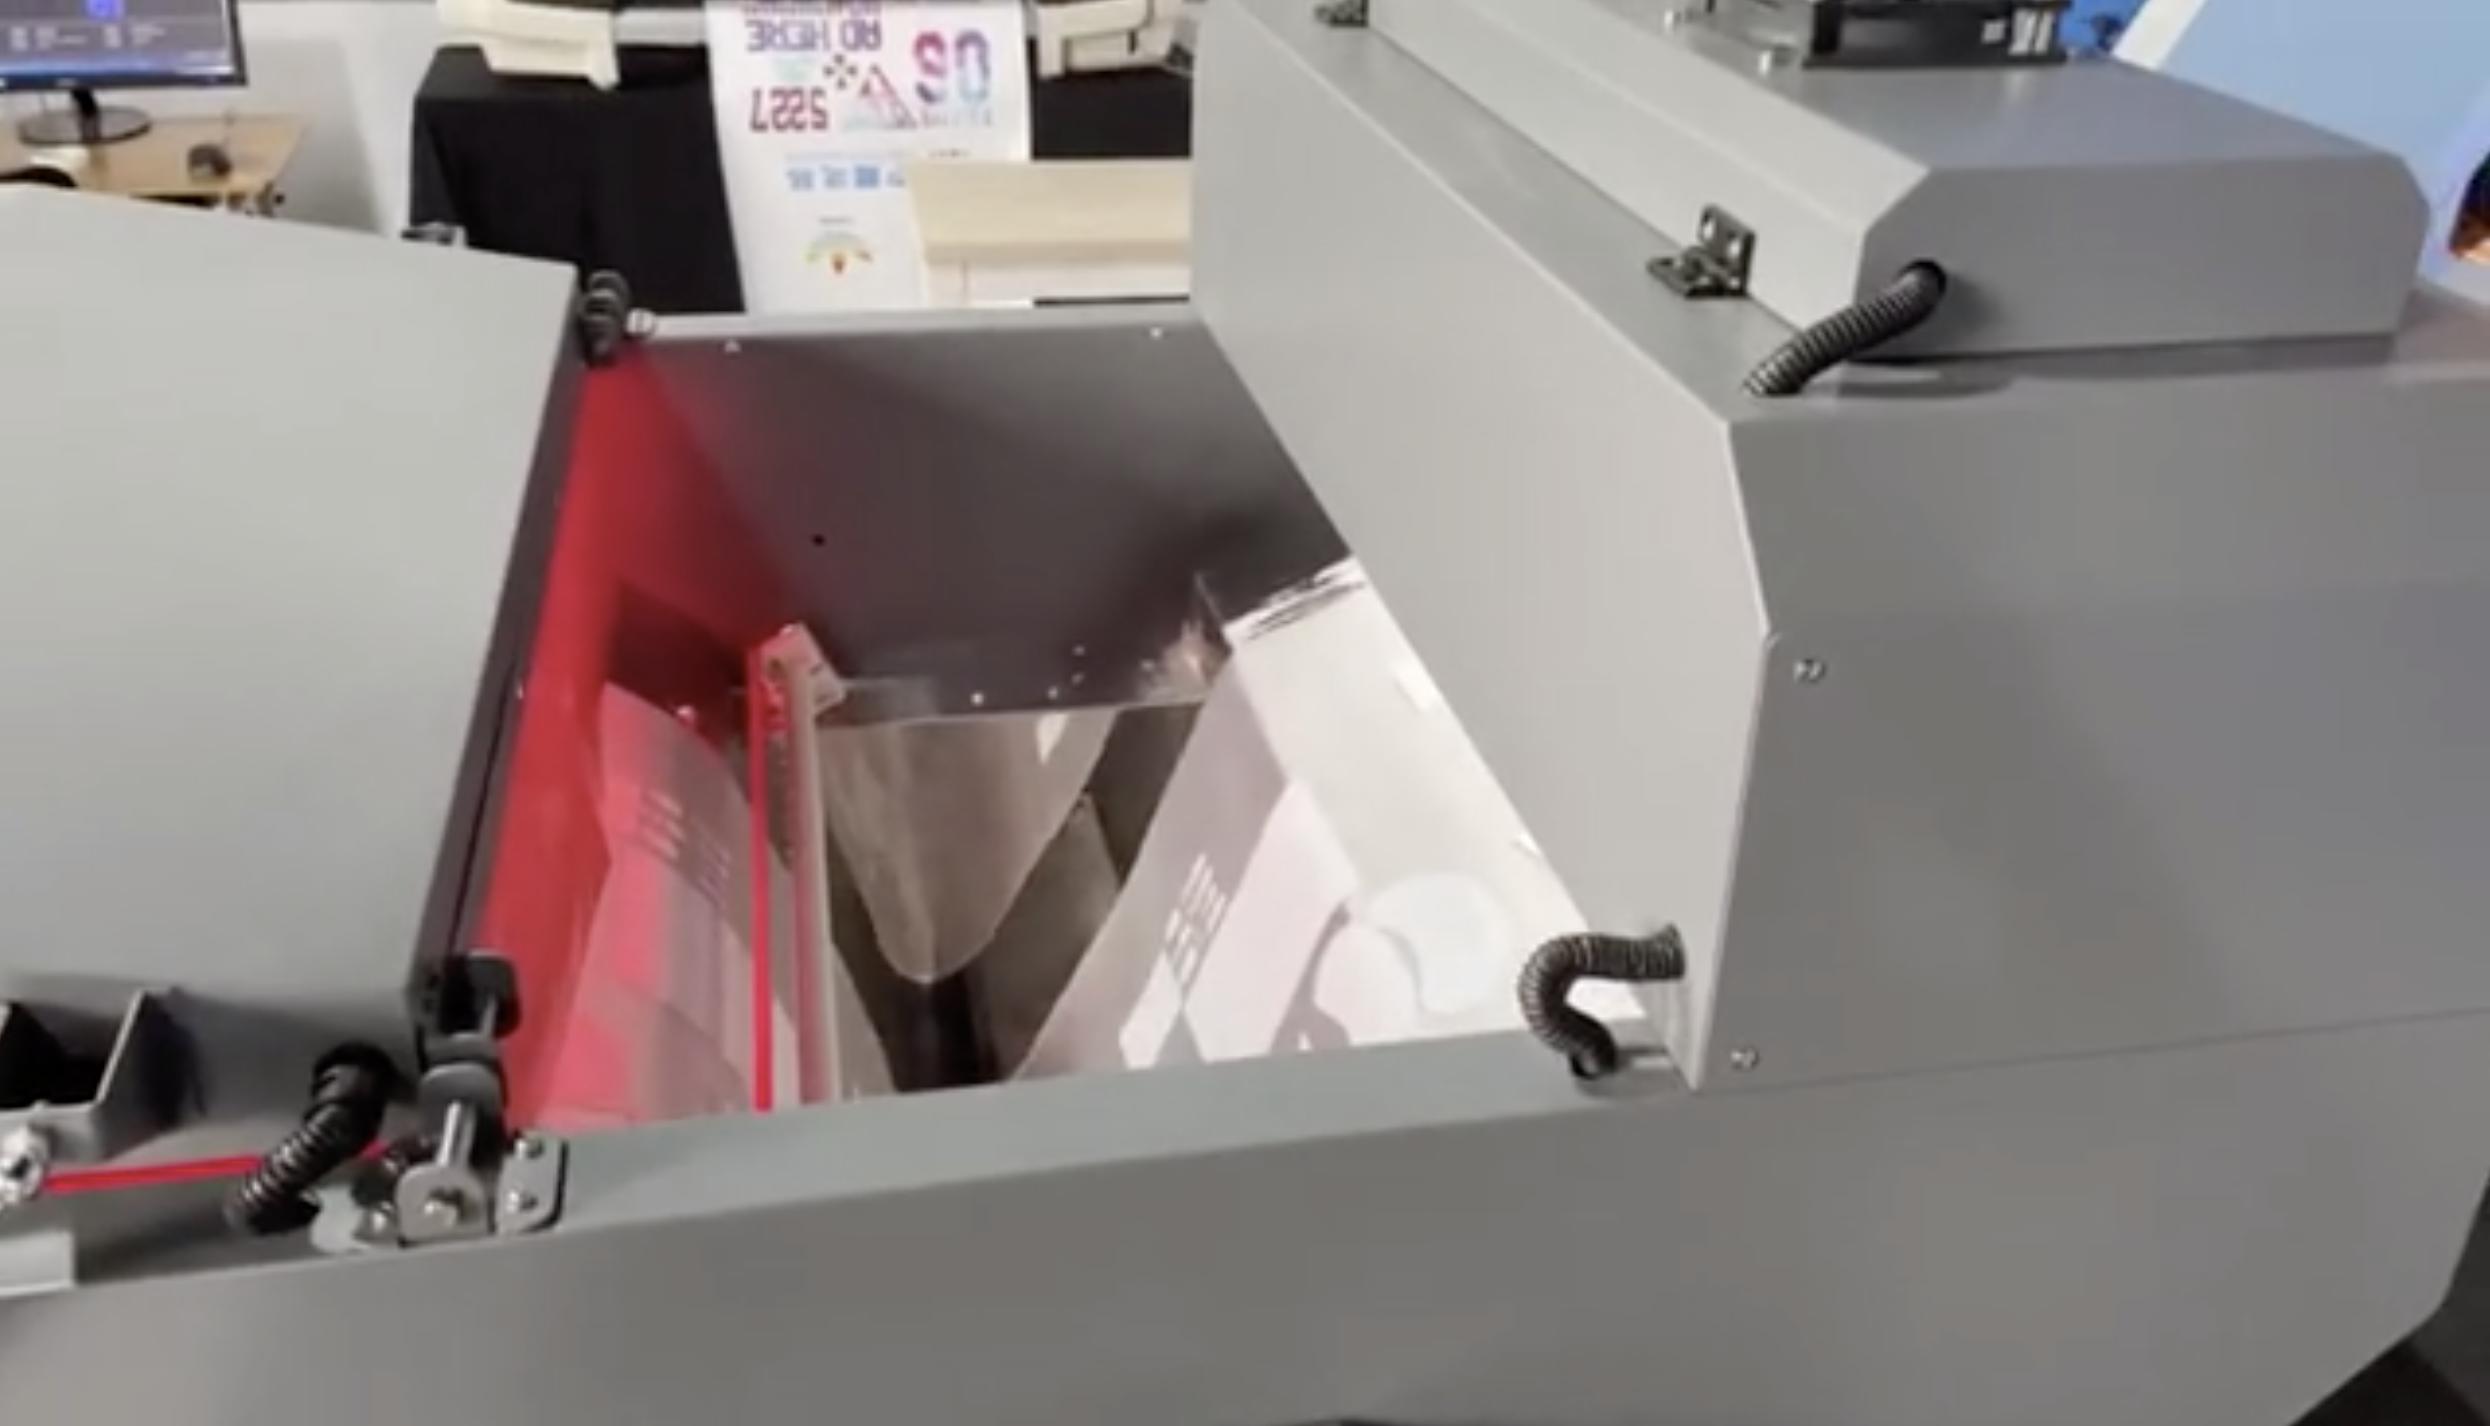 เครื่องพิมพ์ฟิล์ม, เครื่องรีดร้อน, เครื่องพิมพ์ dft, digital film transfer, heat press ,เครื่องสกรีนฟิล์ม